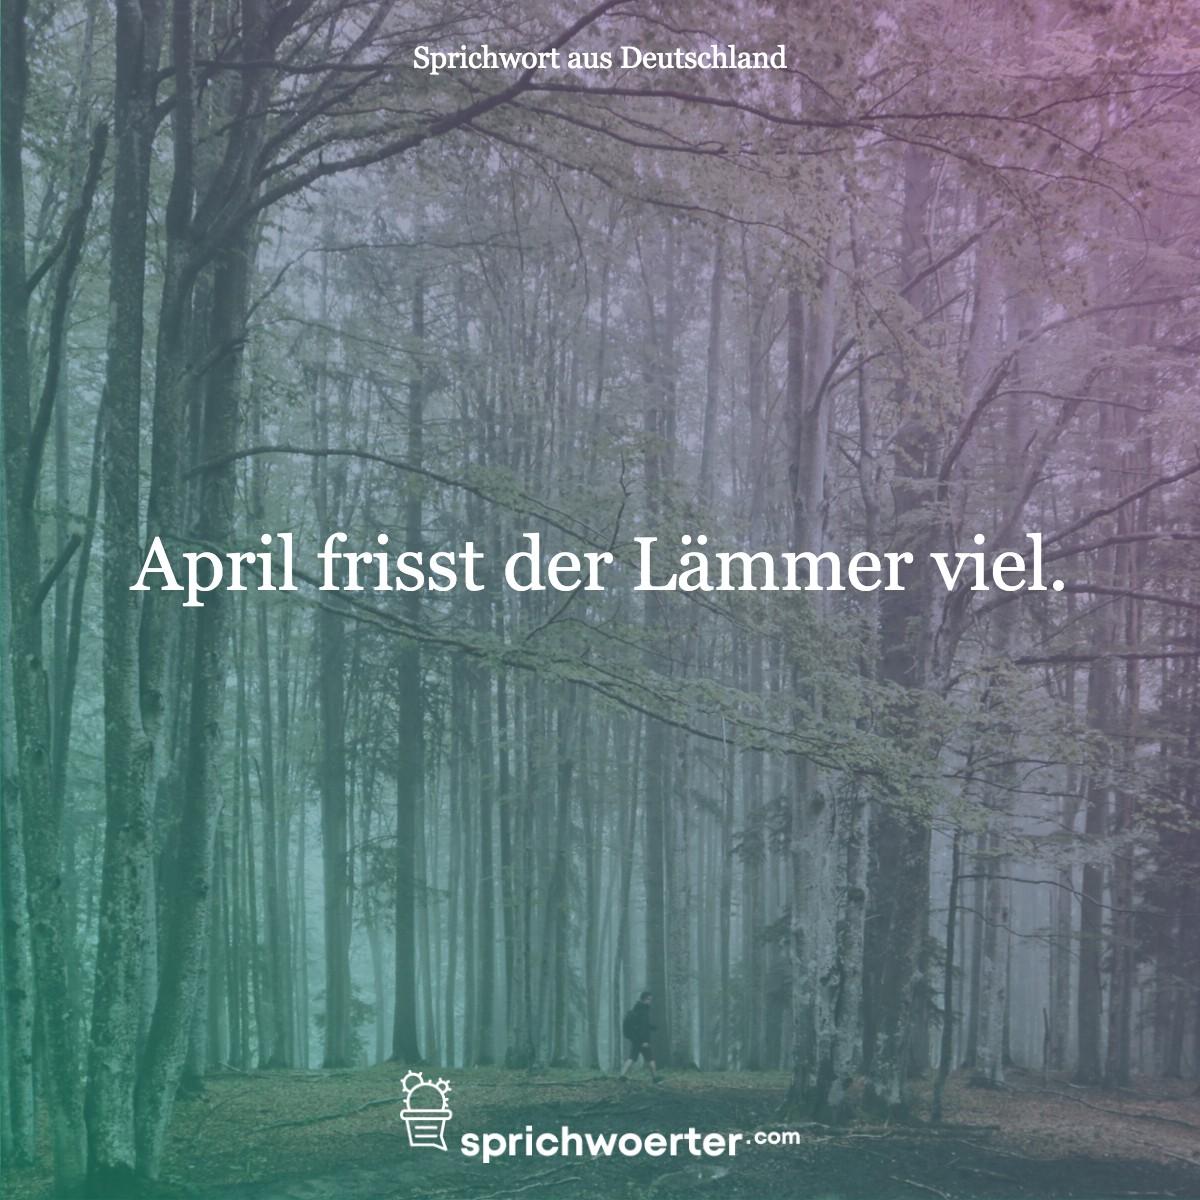 April frisst der Lämmer viel. - Sprichwort, Spruch, Weisheit, Redewendung